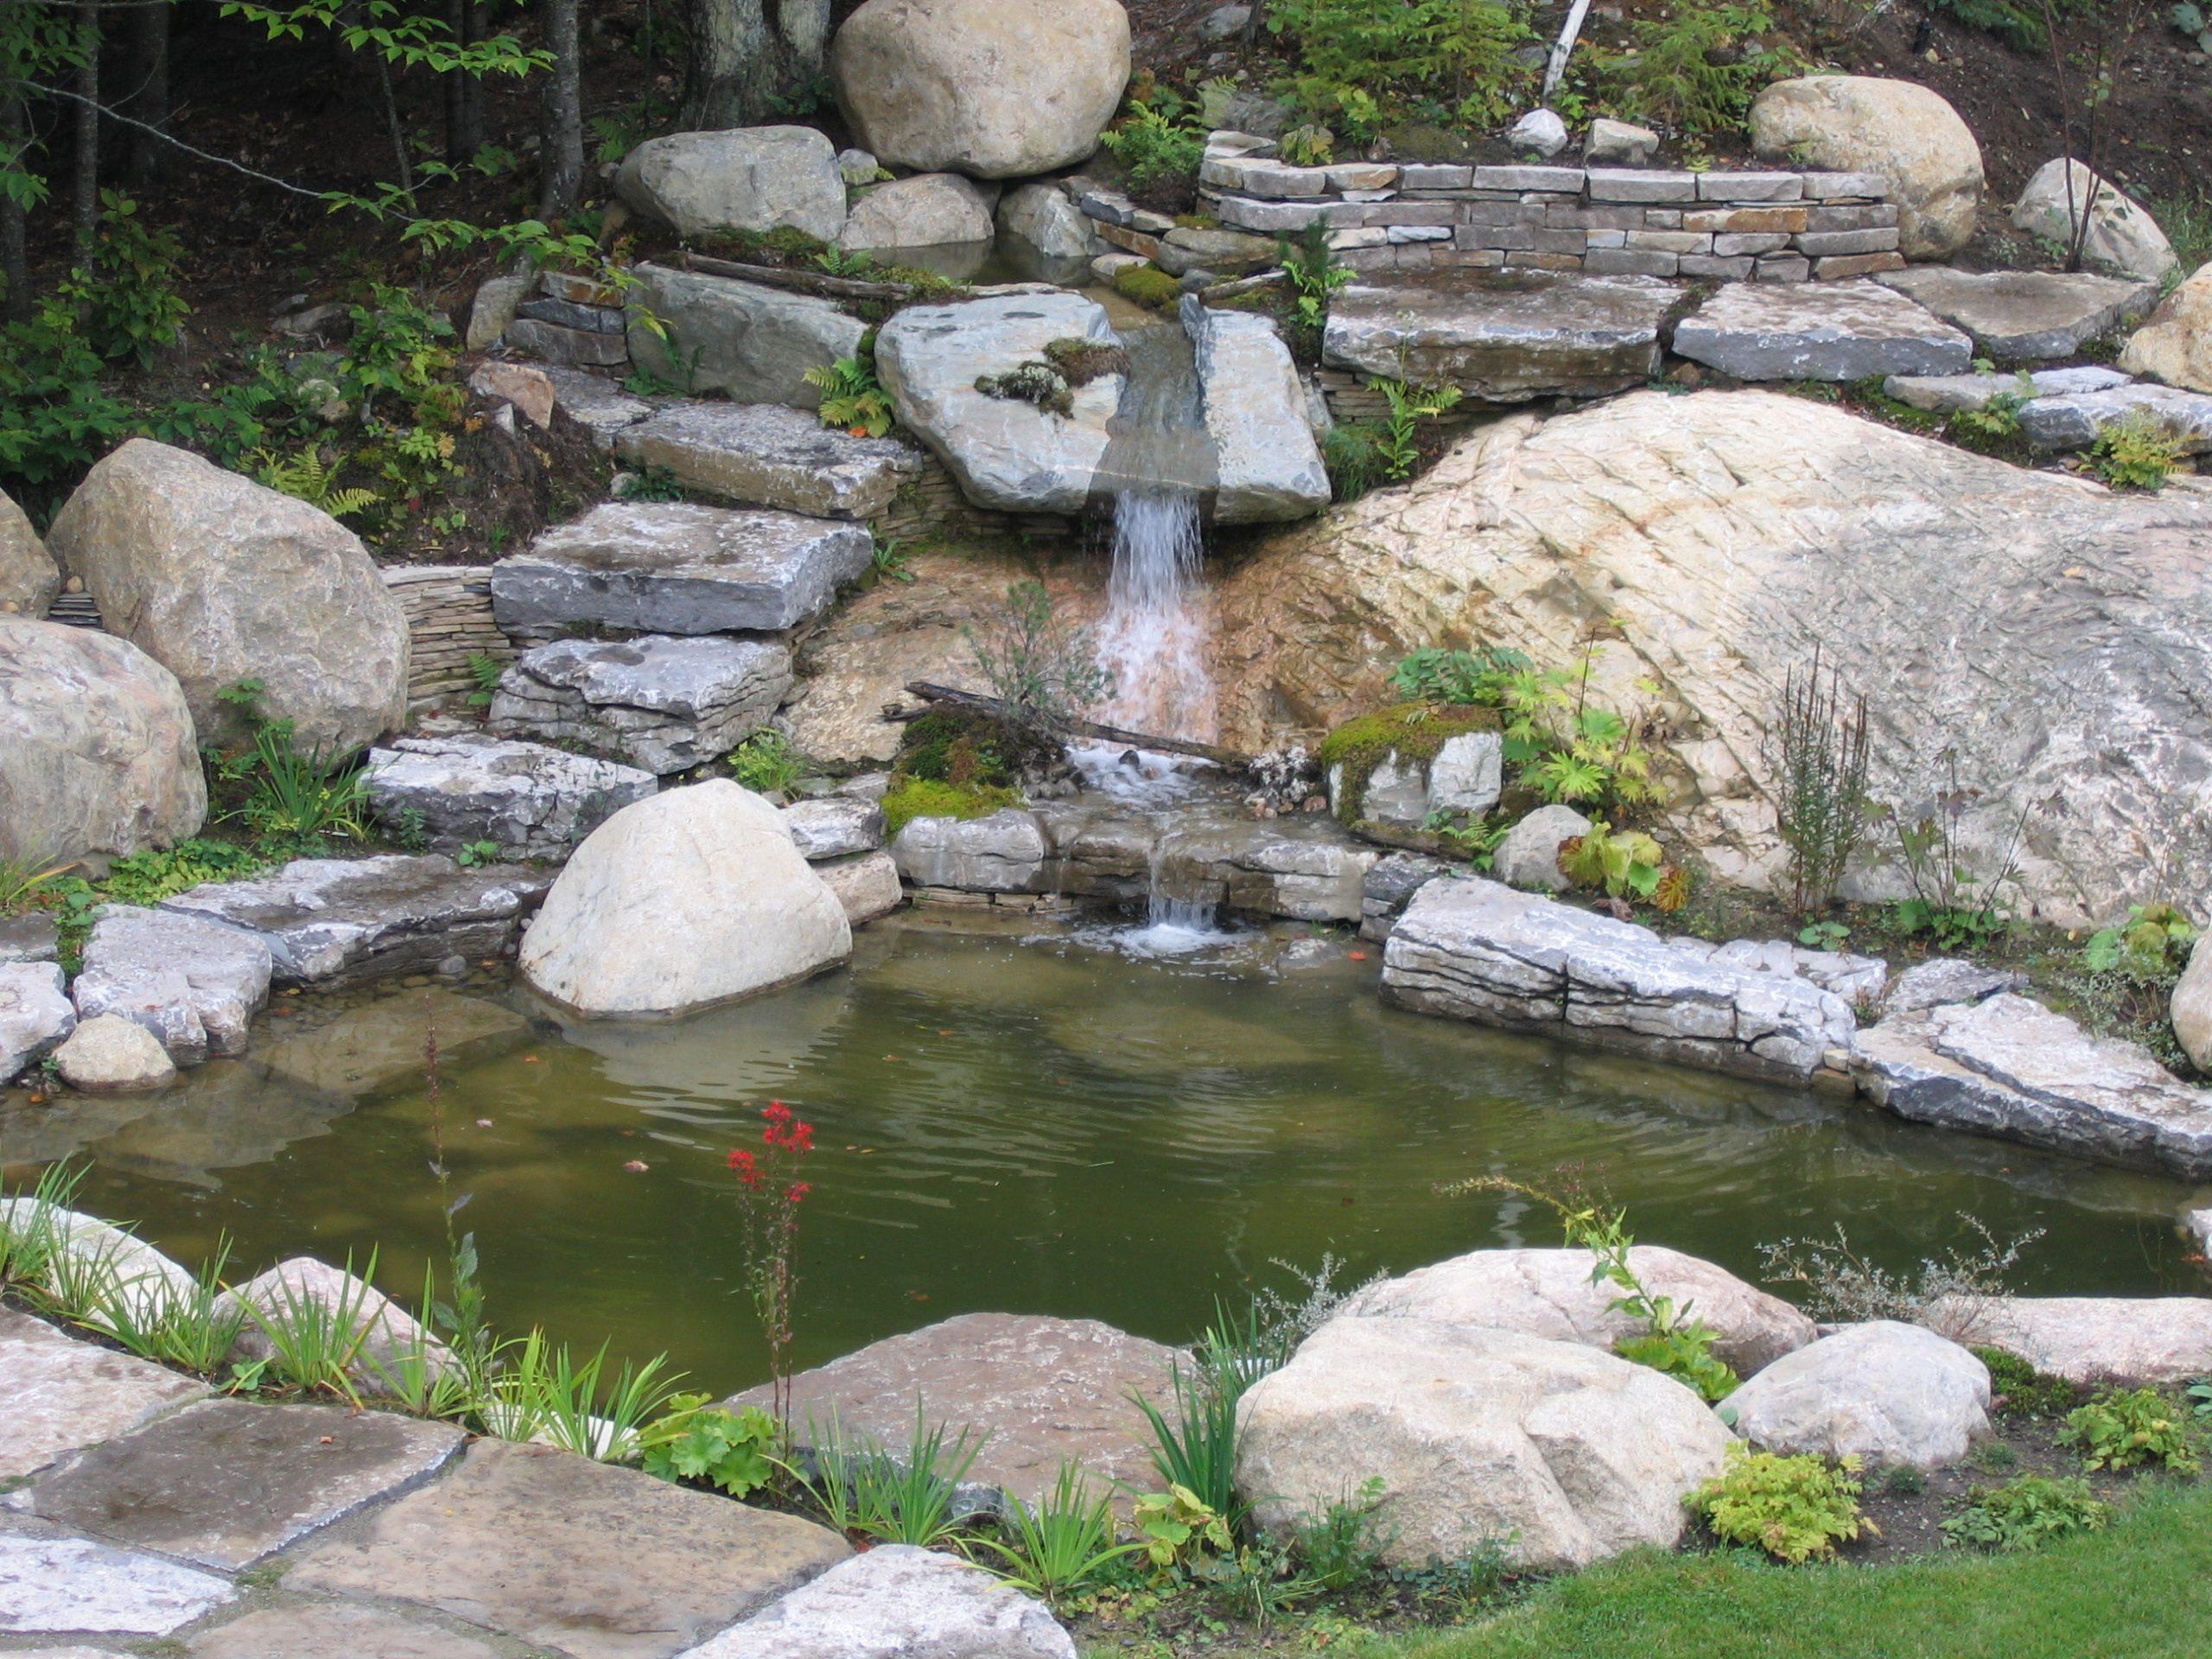 Projet Aménagement Paysager | Jardin D'eau | Maxhorti encequiconcerne Amenagement De Bassins De Jardin